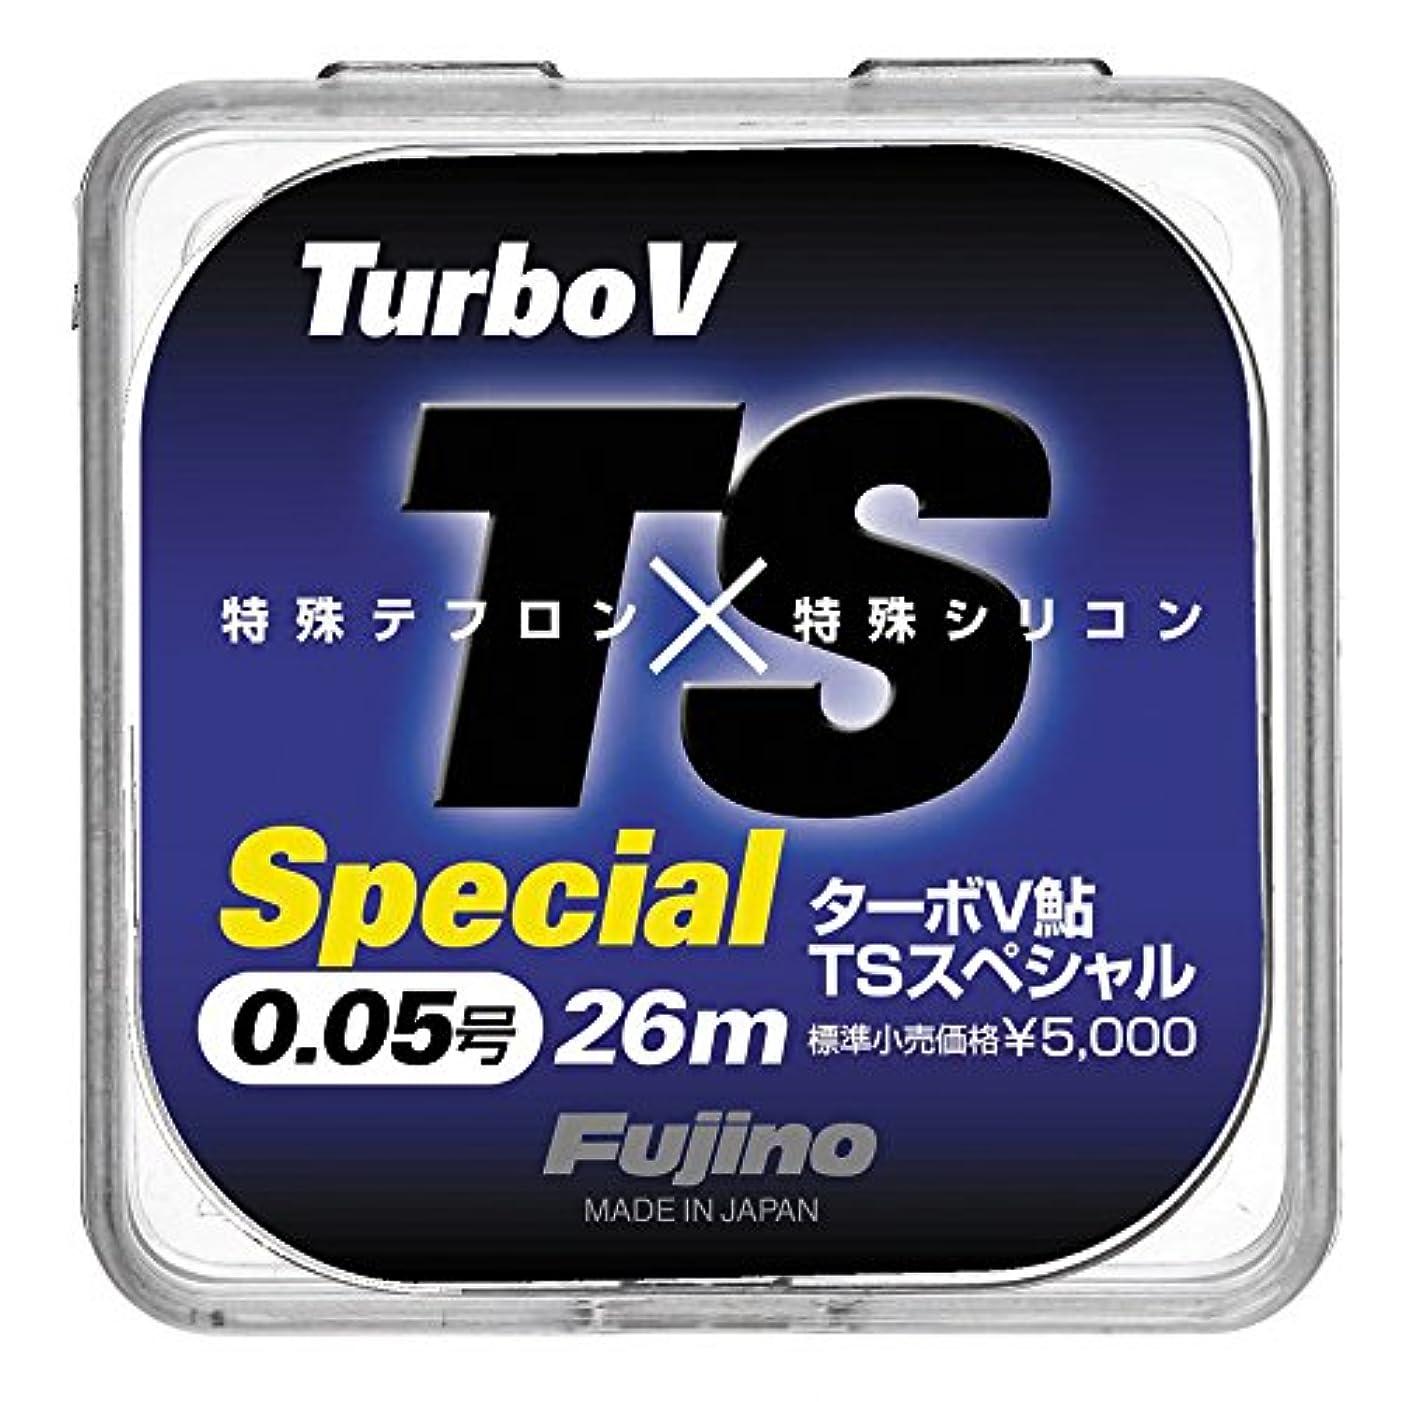 決定的進化監査Fujino(フジノ) ライン ターボV鮎TSスペシャル 26m 0.06